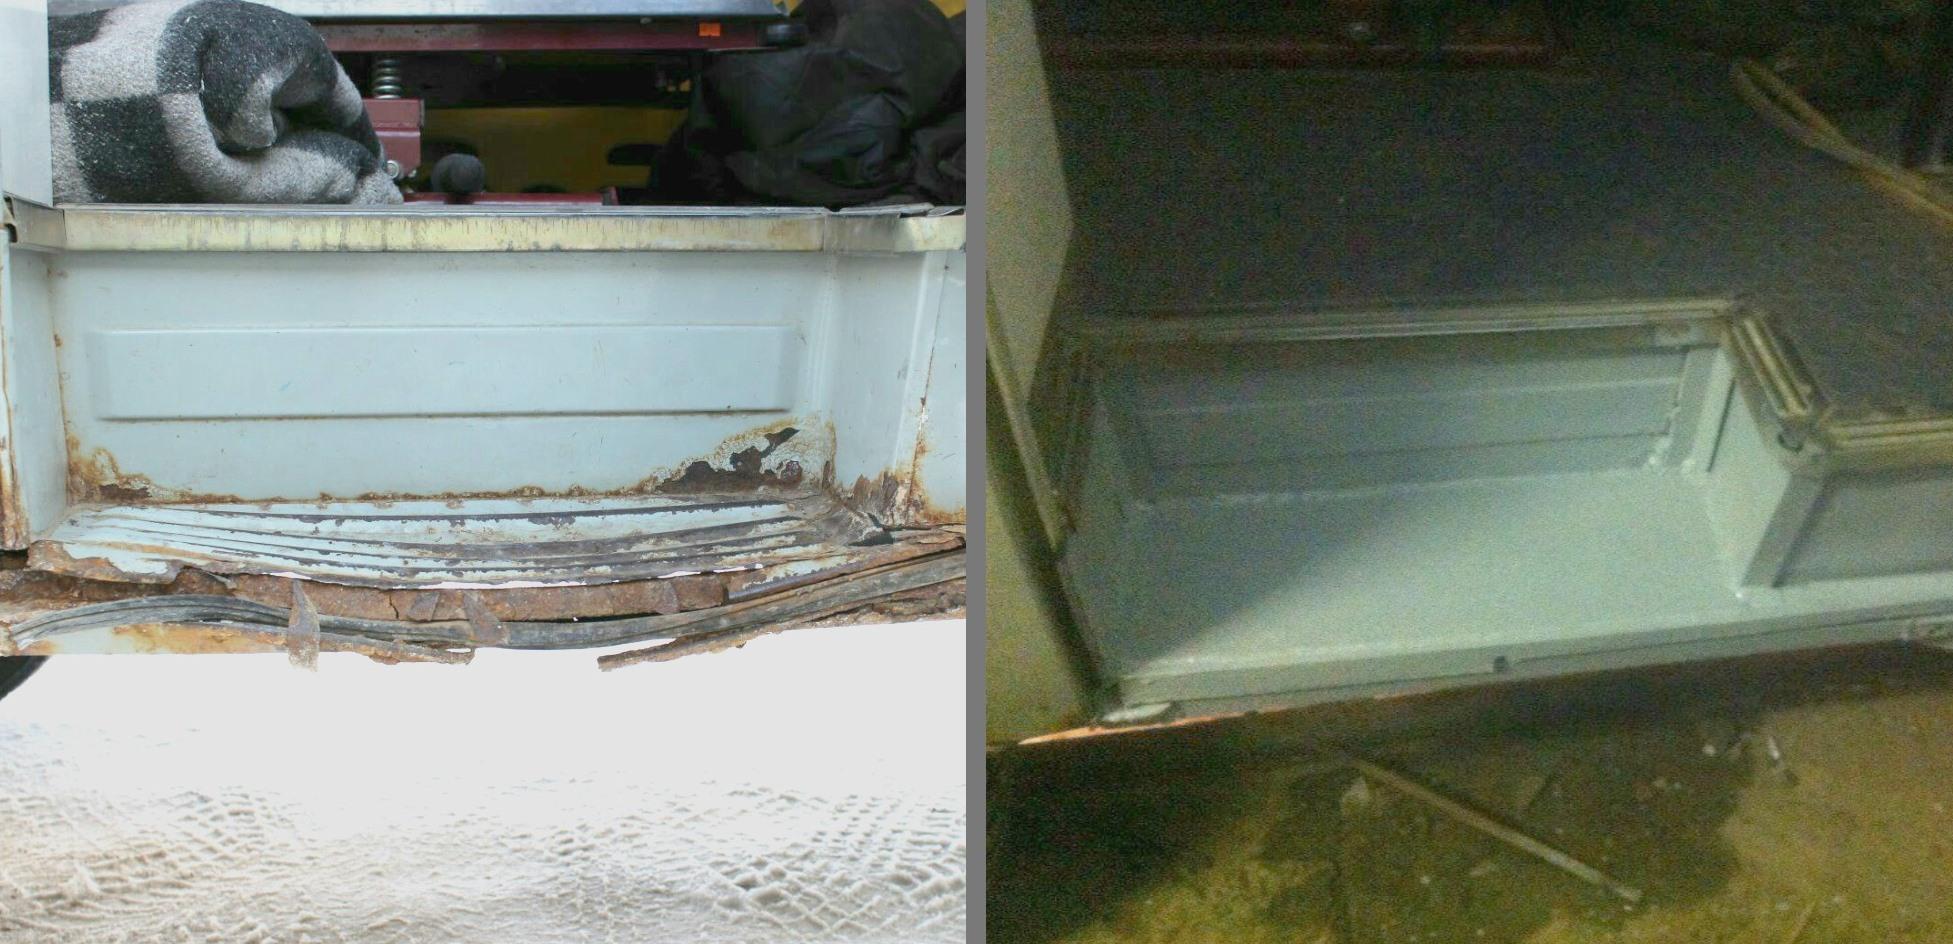 Минздрав Прикамья прокомментировал инициативу жителей Полазны, отремонтировавших машину скорой помощи